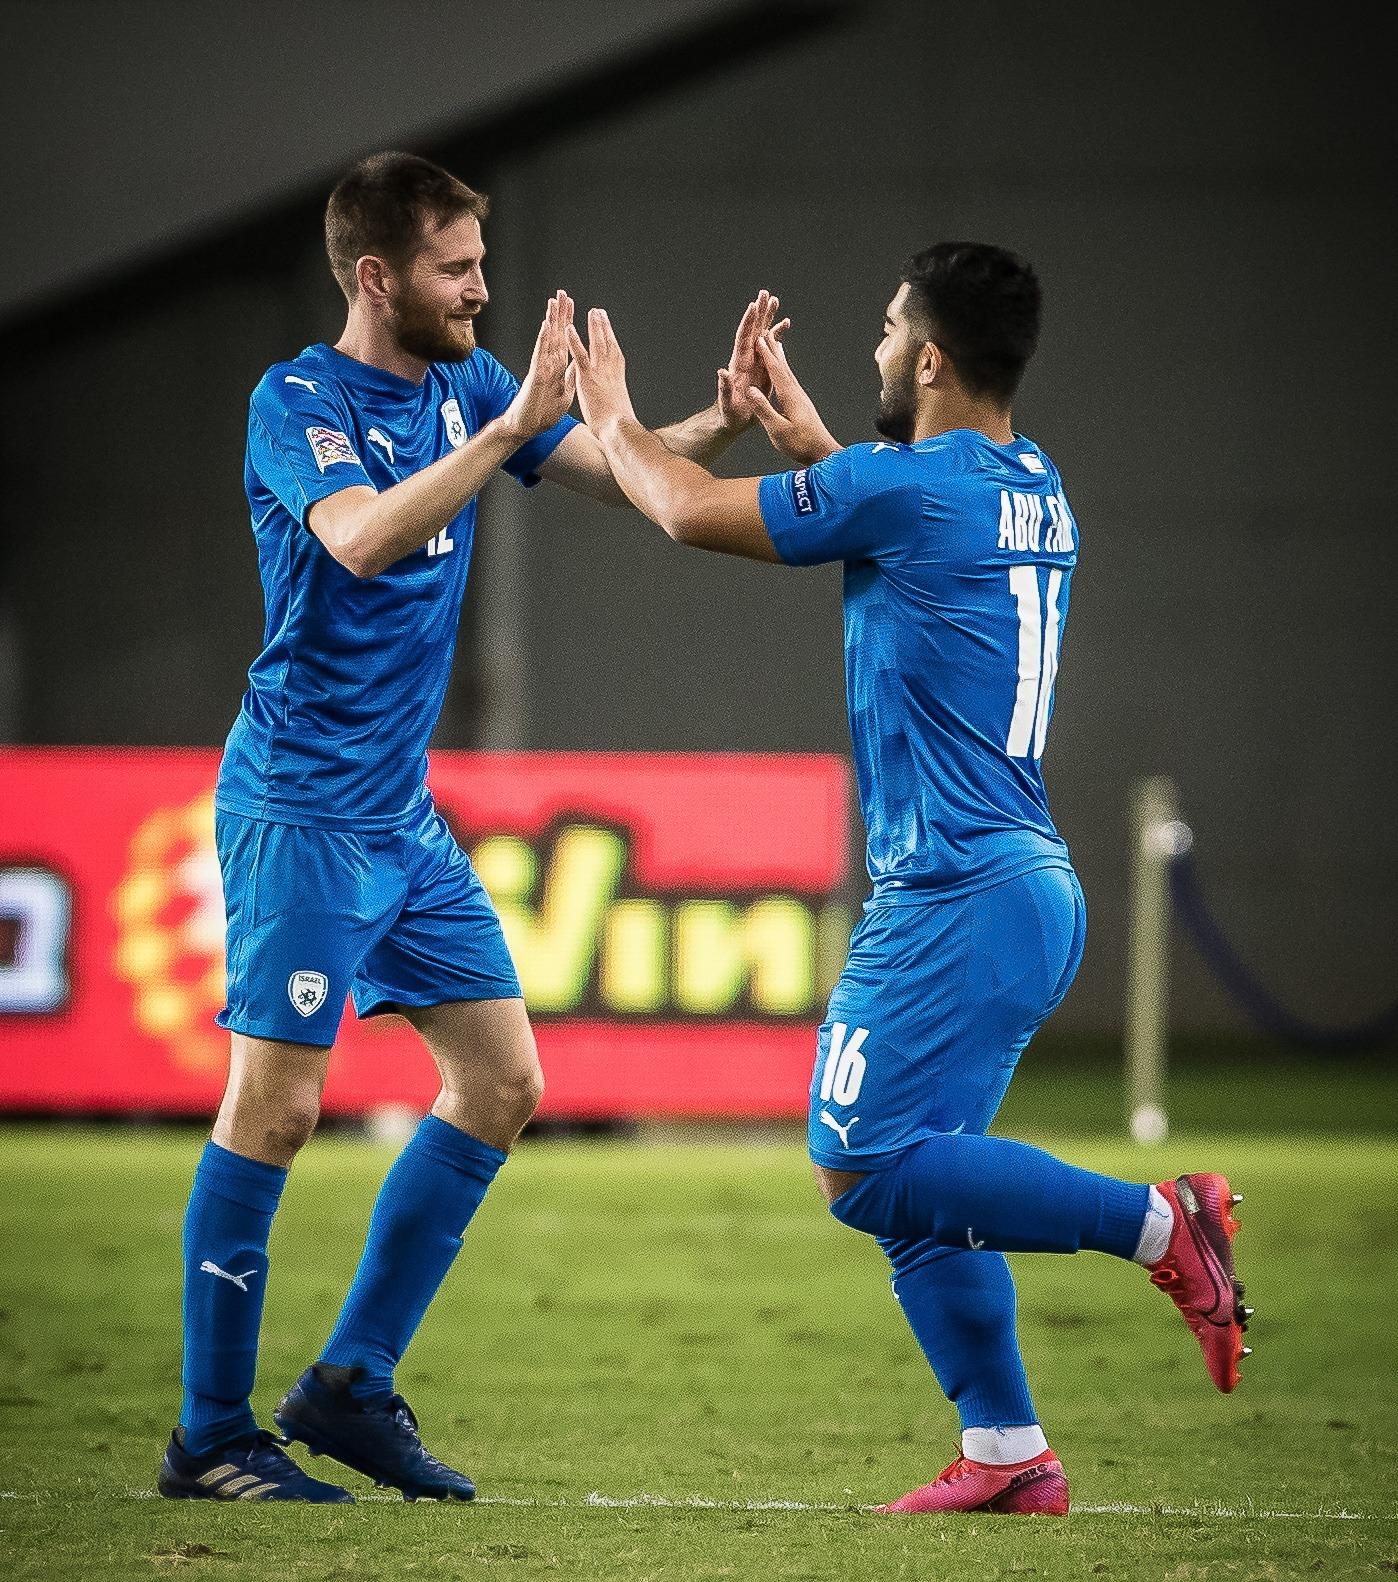 בסיום משחק הניצחון על סקוטלנד, הודיע שרן ייני על פרישתו מנבחרת ישראל.